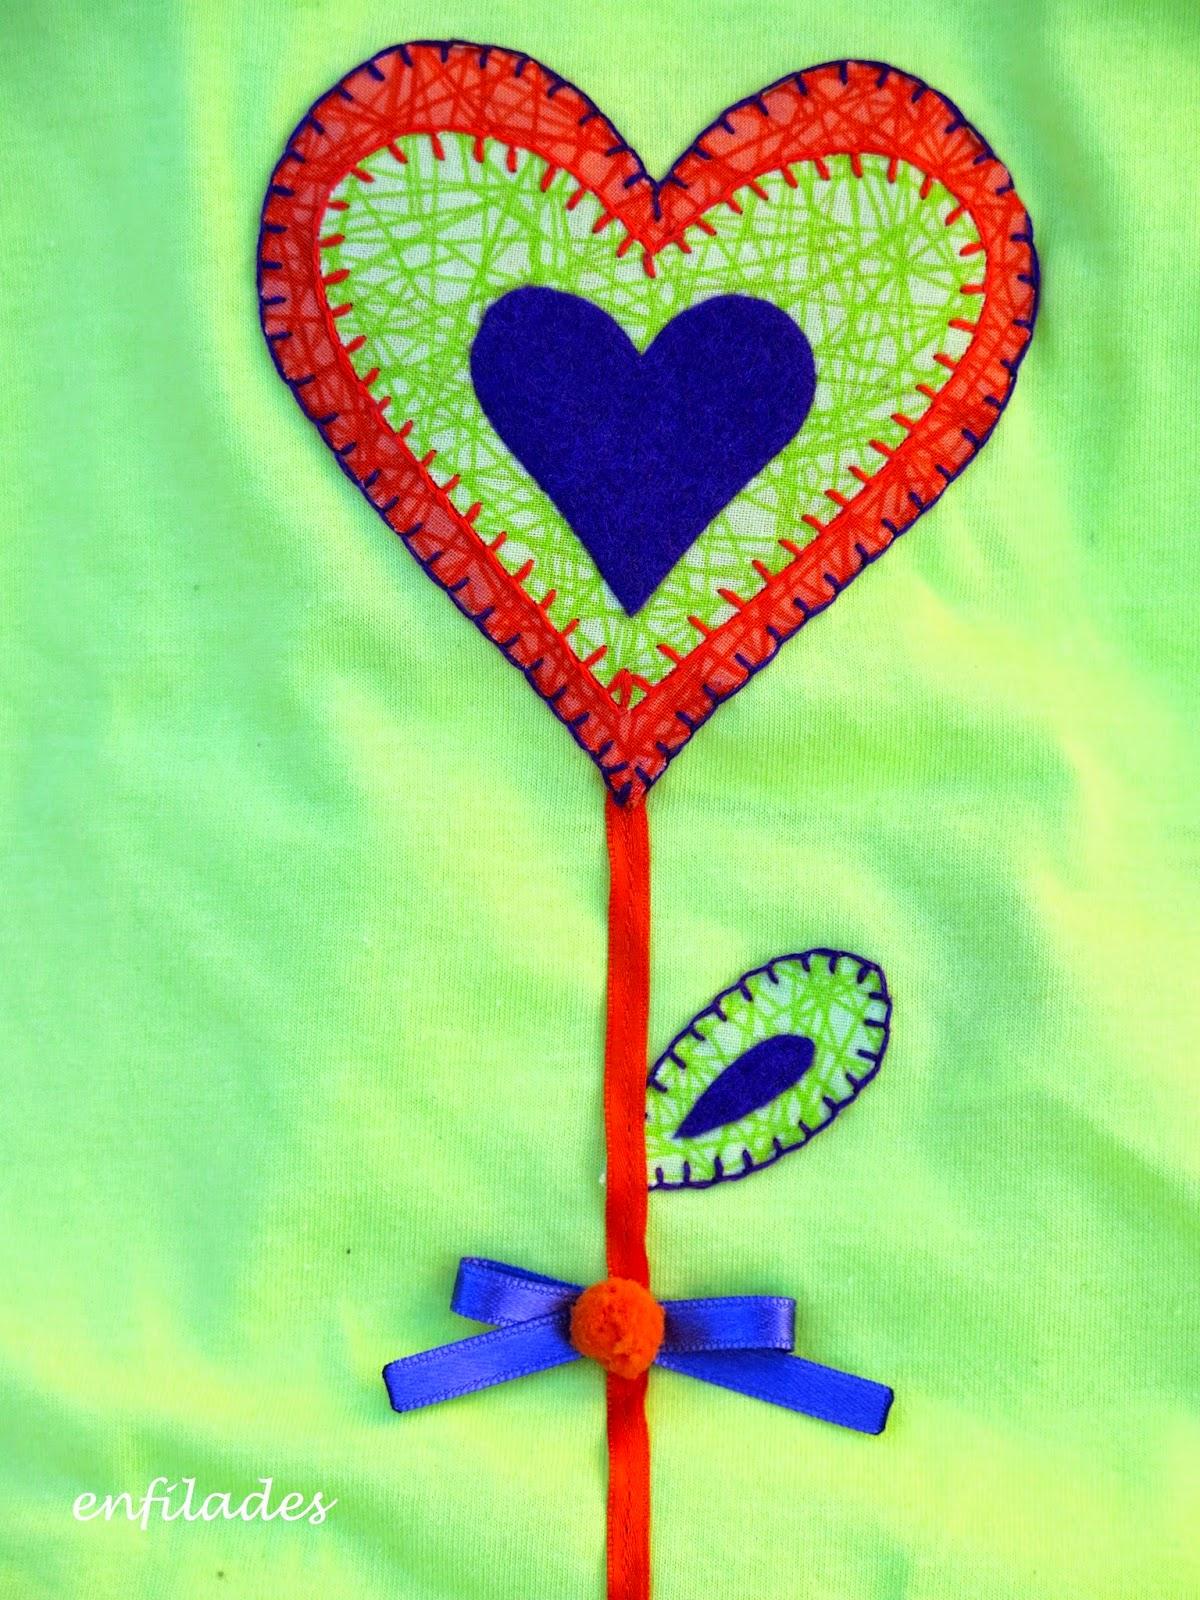 Samarreta feta a mà - piruleta de cor Enfilades